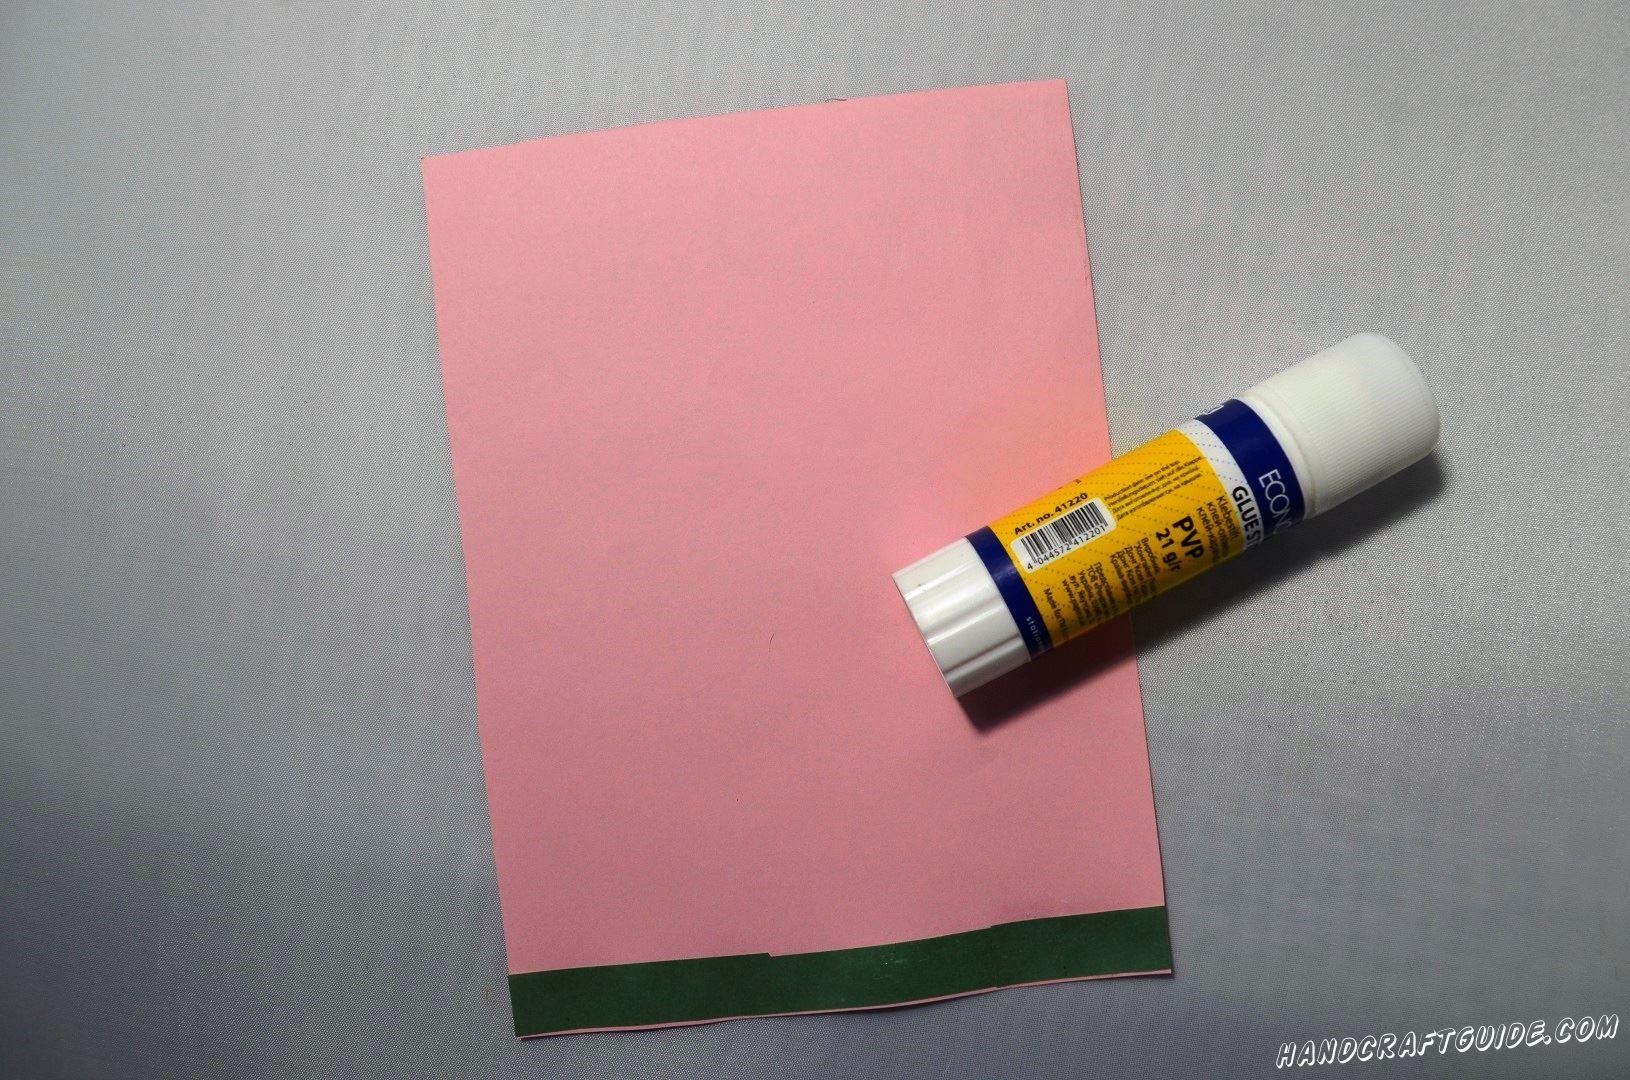 Осталось сделать соответствующий фон для нашего цветка. Берем лист розовой бумаги, на него накаливаем меньший прямоугольник светлого оттенка и ещё меньший голубой прямоугольник. Снизу мы наклеиваем зелёную полоску.